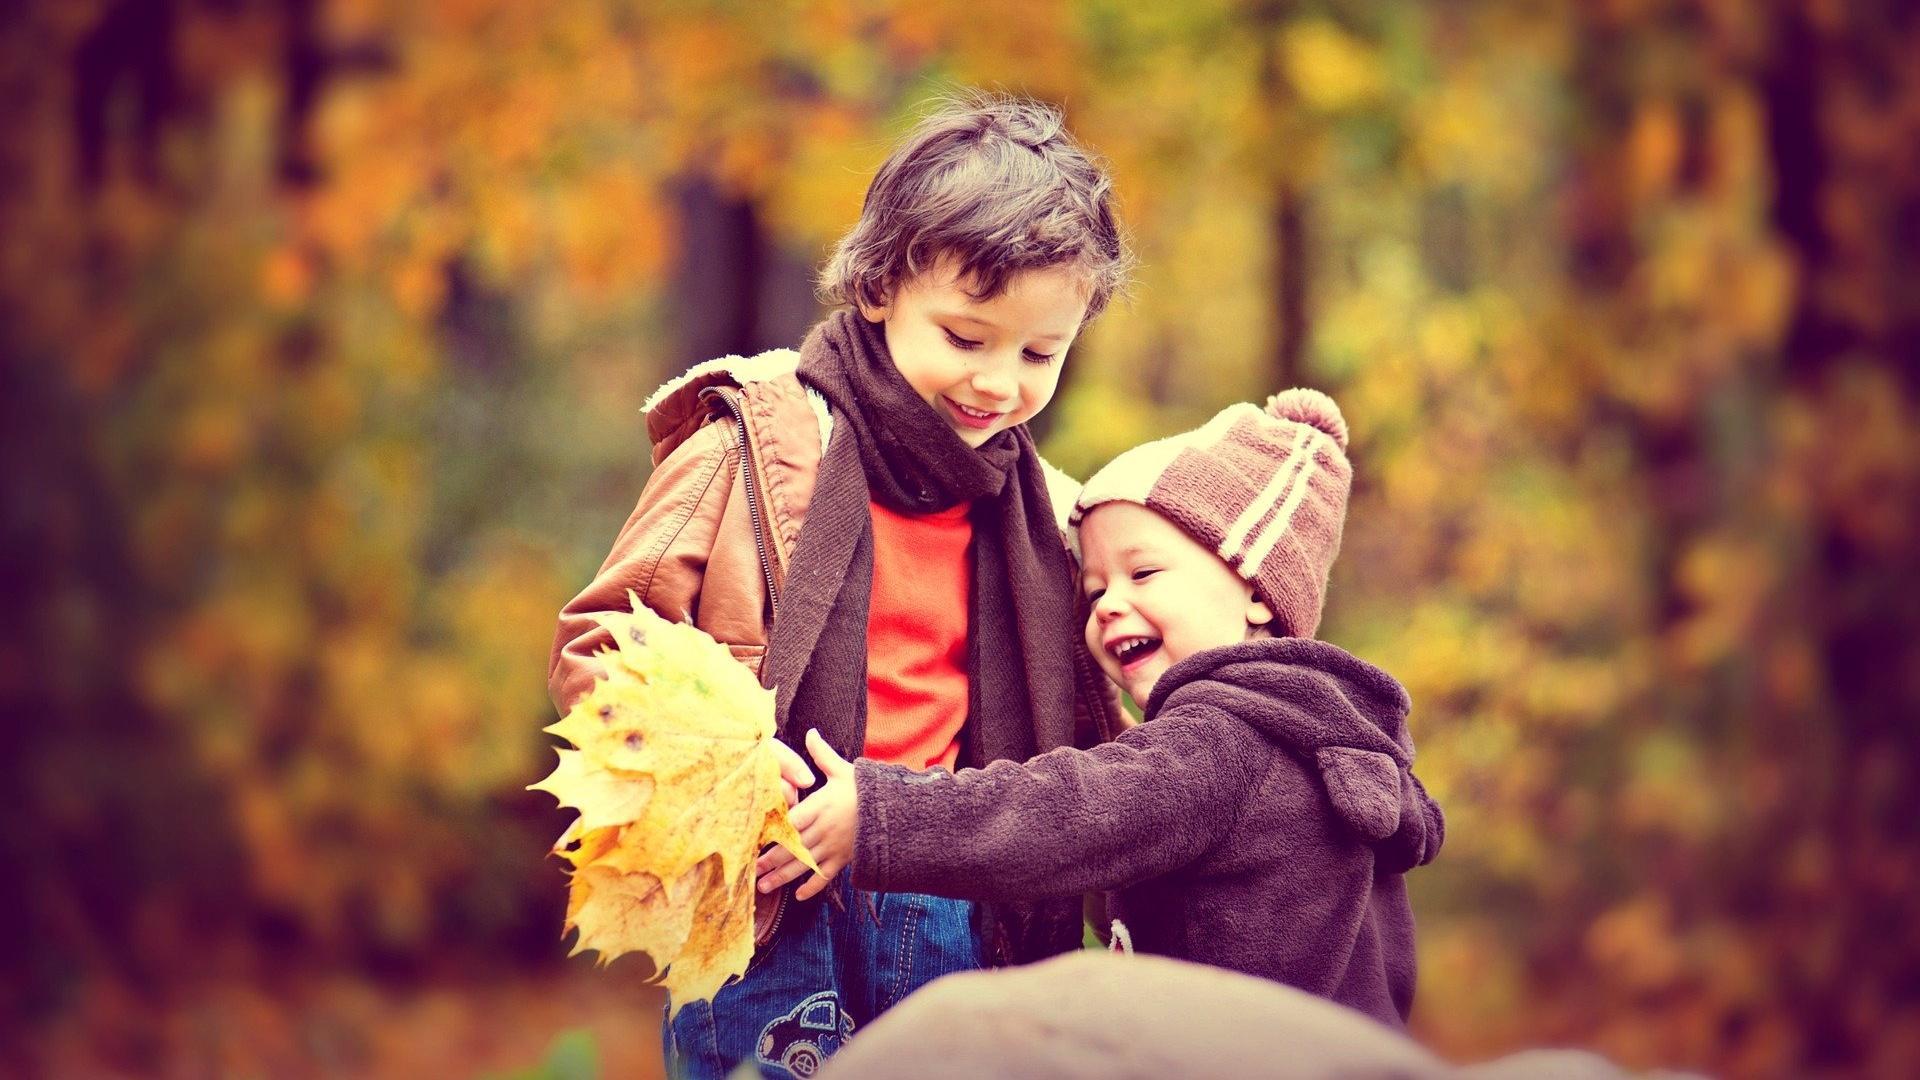 Der Waldkindergarten: So erlebt Ihr Kind den Tag